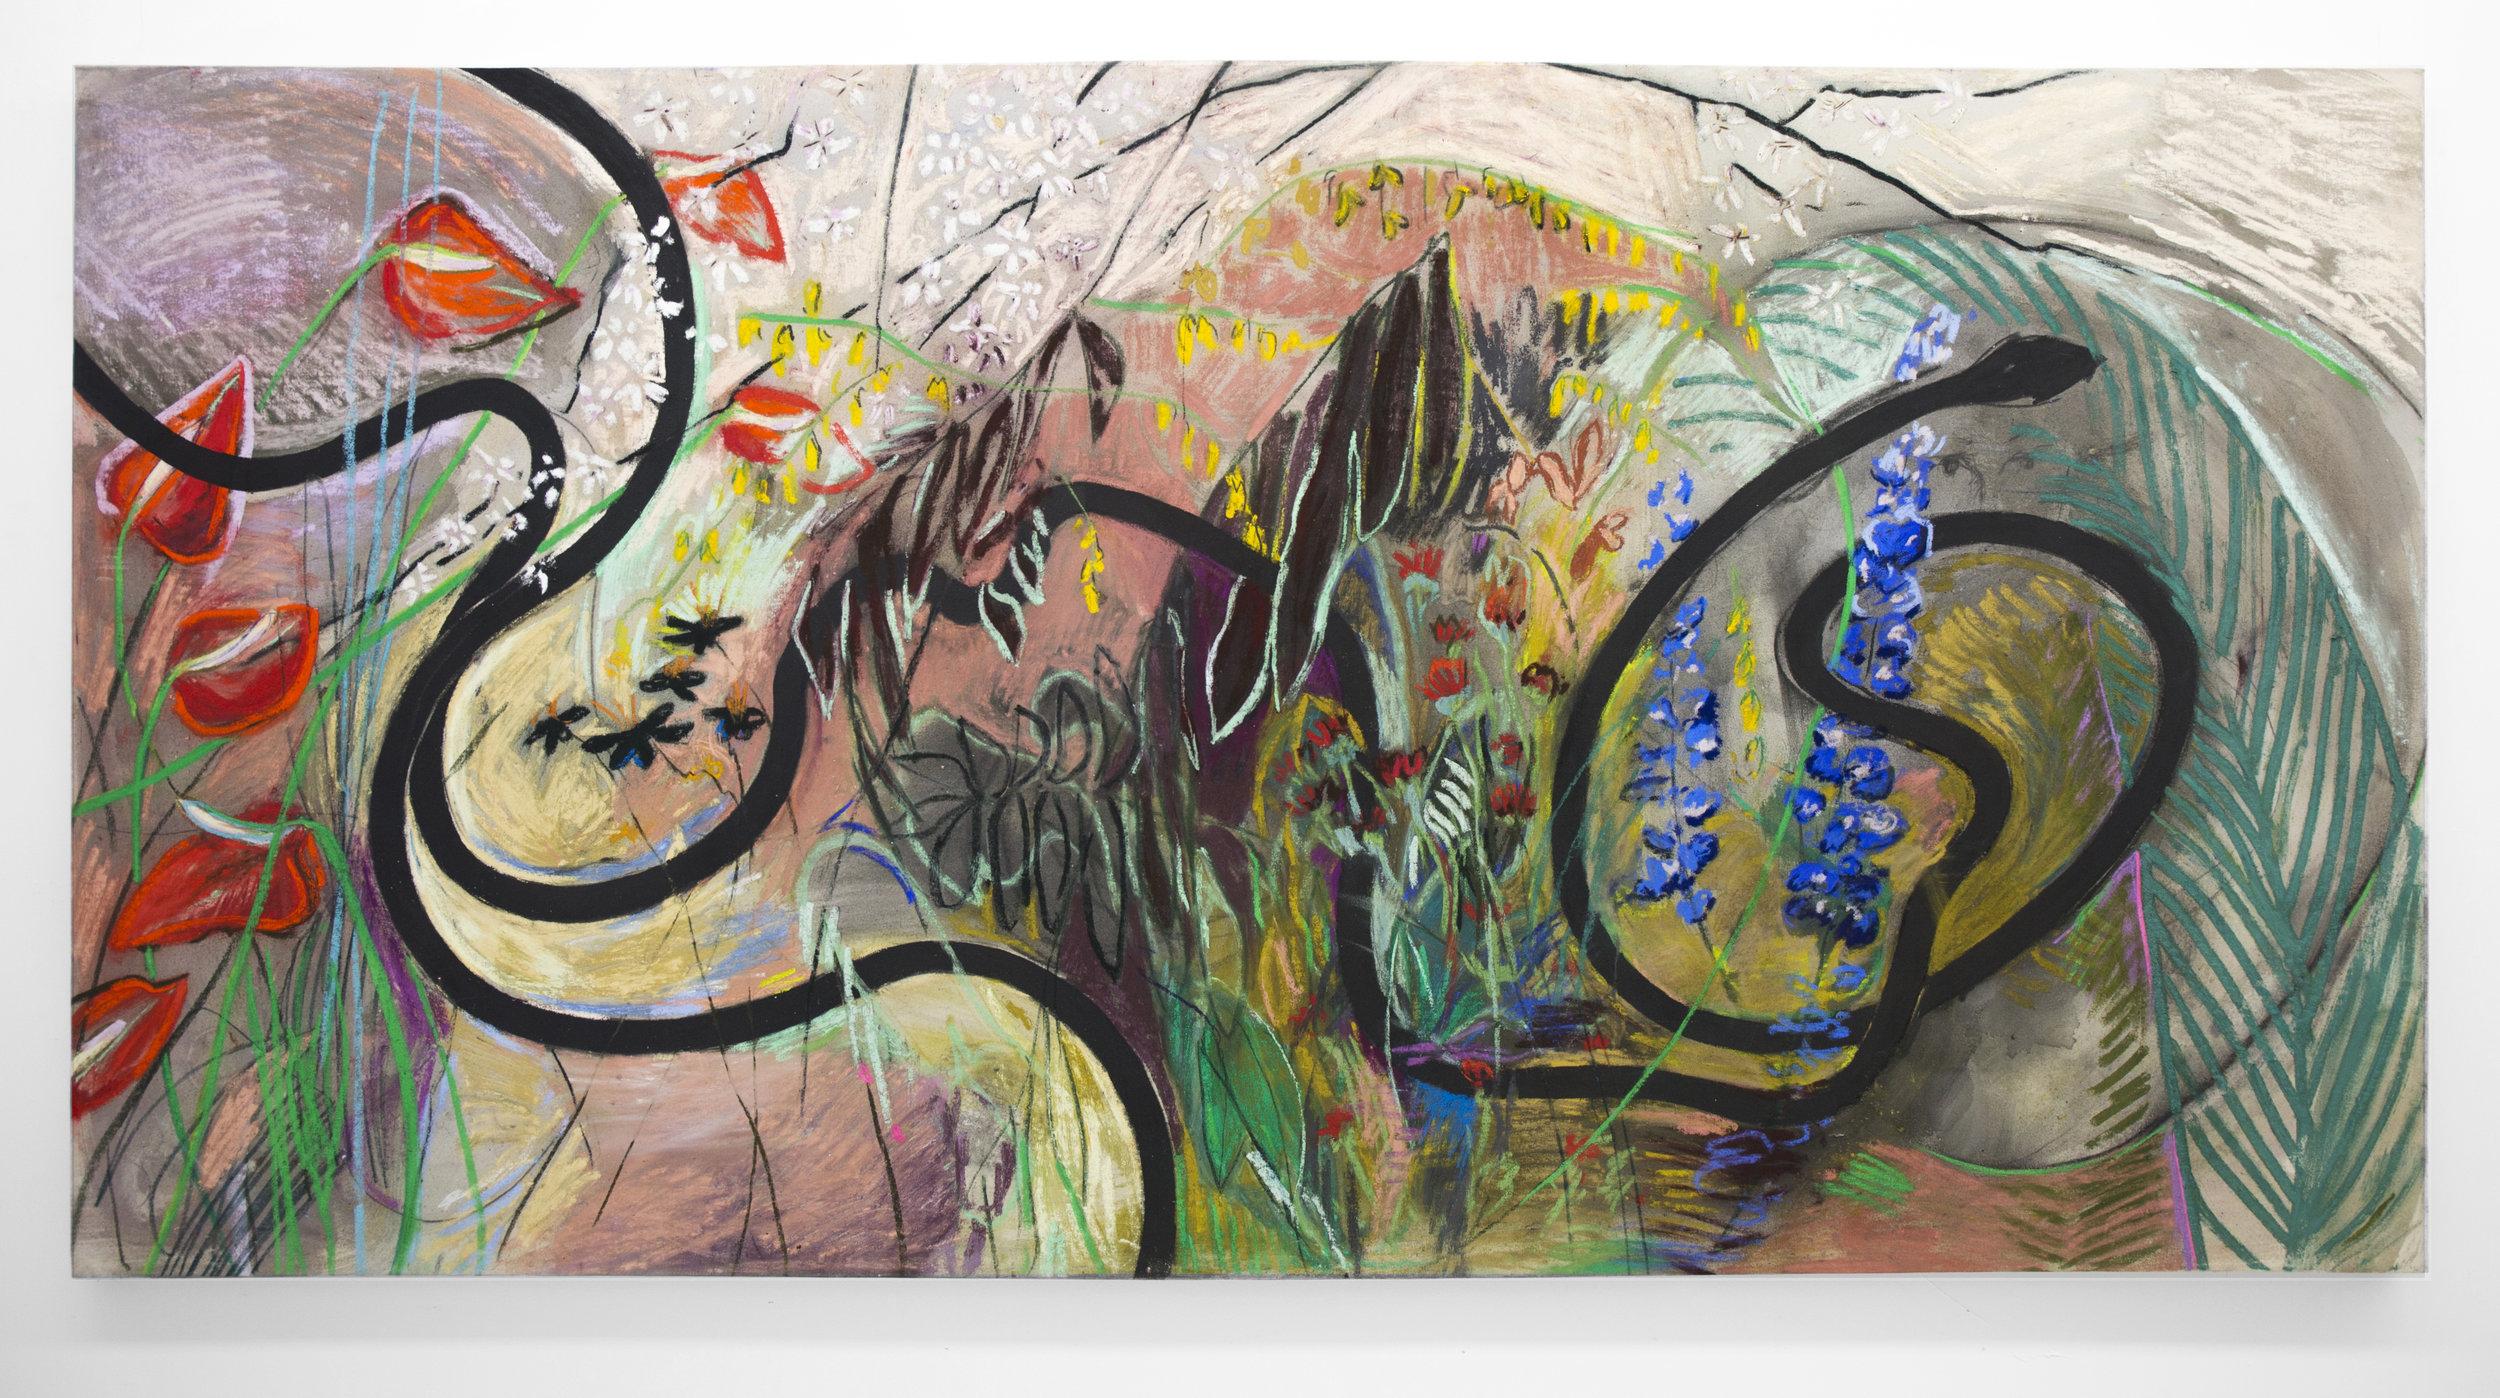 Garden of Original Sin, 4'x8' pastel on canvas